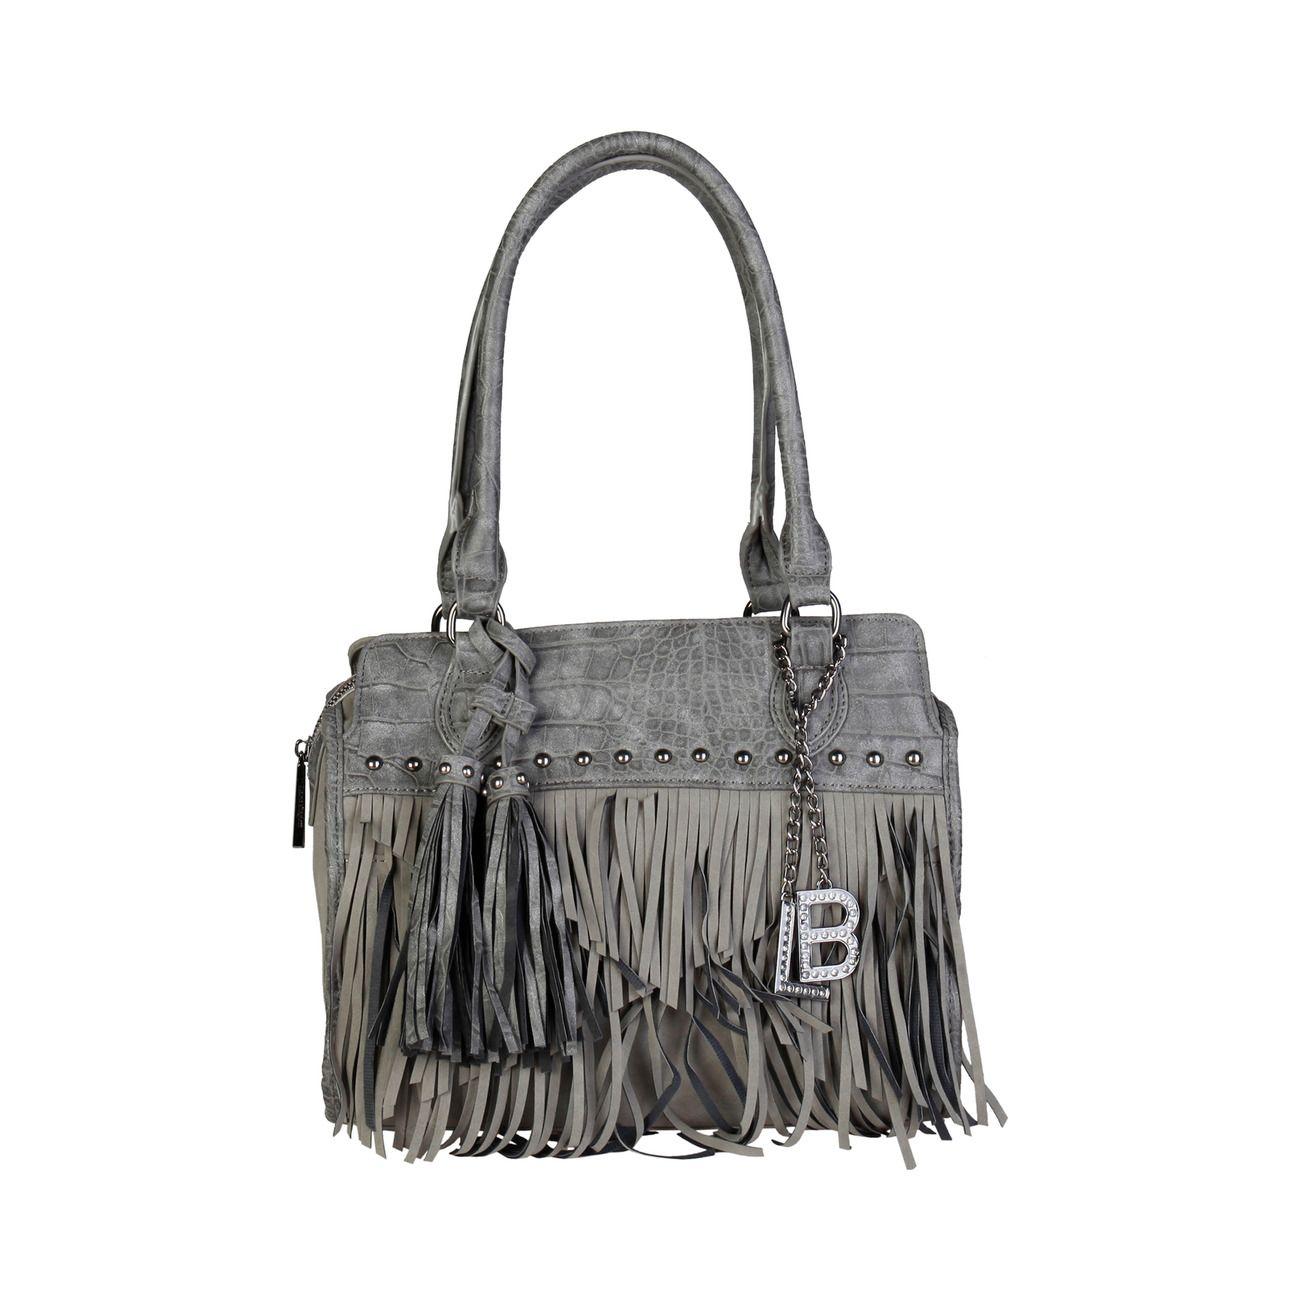 9865532dcf Bolso de hombro flecos Laura Biagiotti #luxeoutletvalencia #laurabiagiotti  #bolso